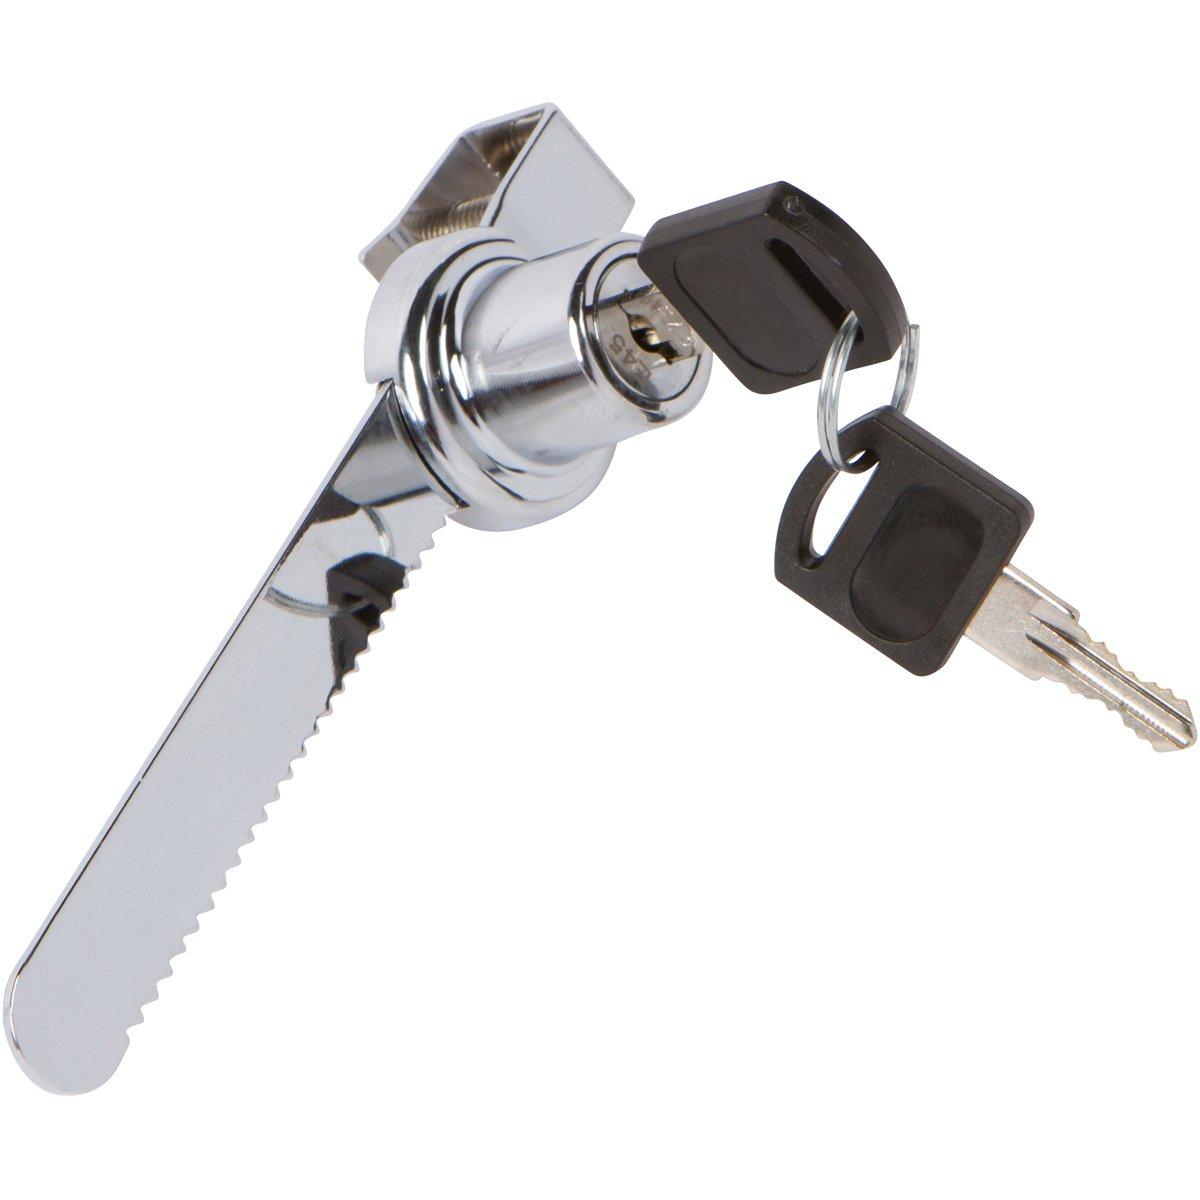 Sliding Glass Door Ratchet Lock With Chrome Finish Keyed